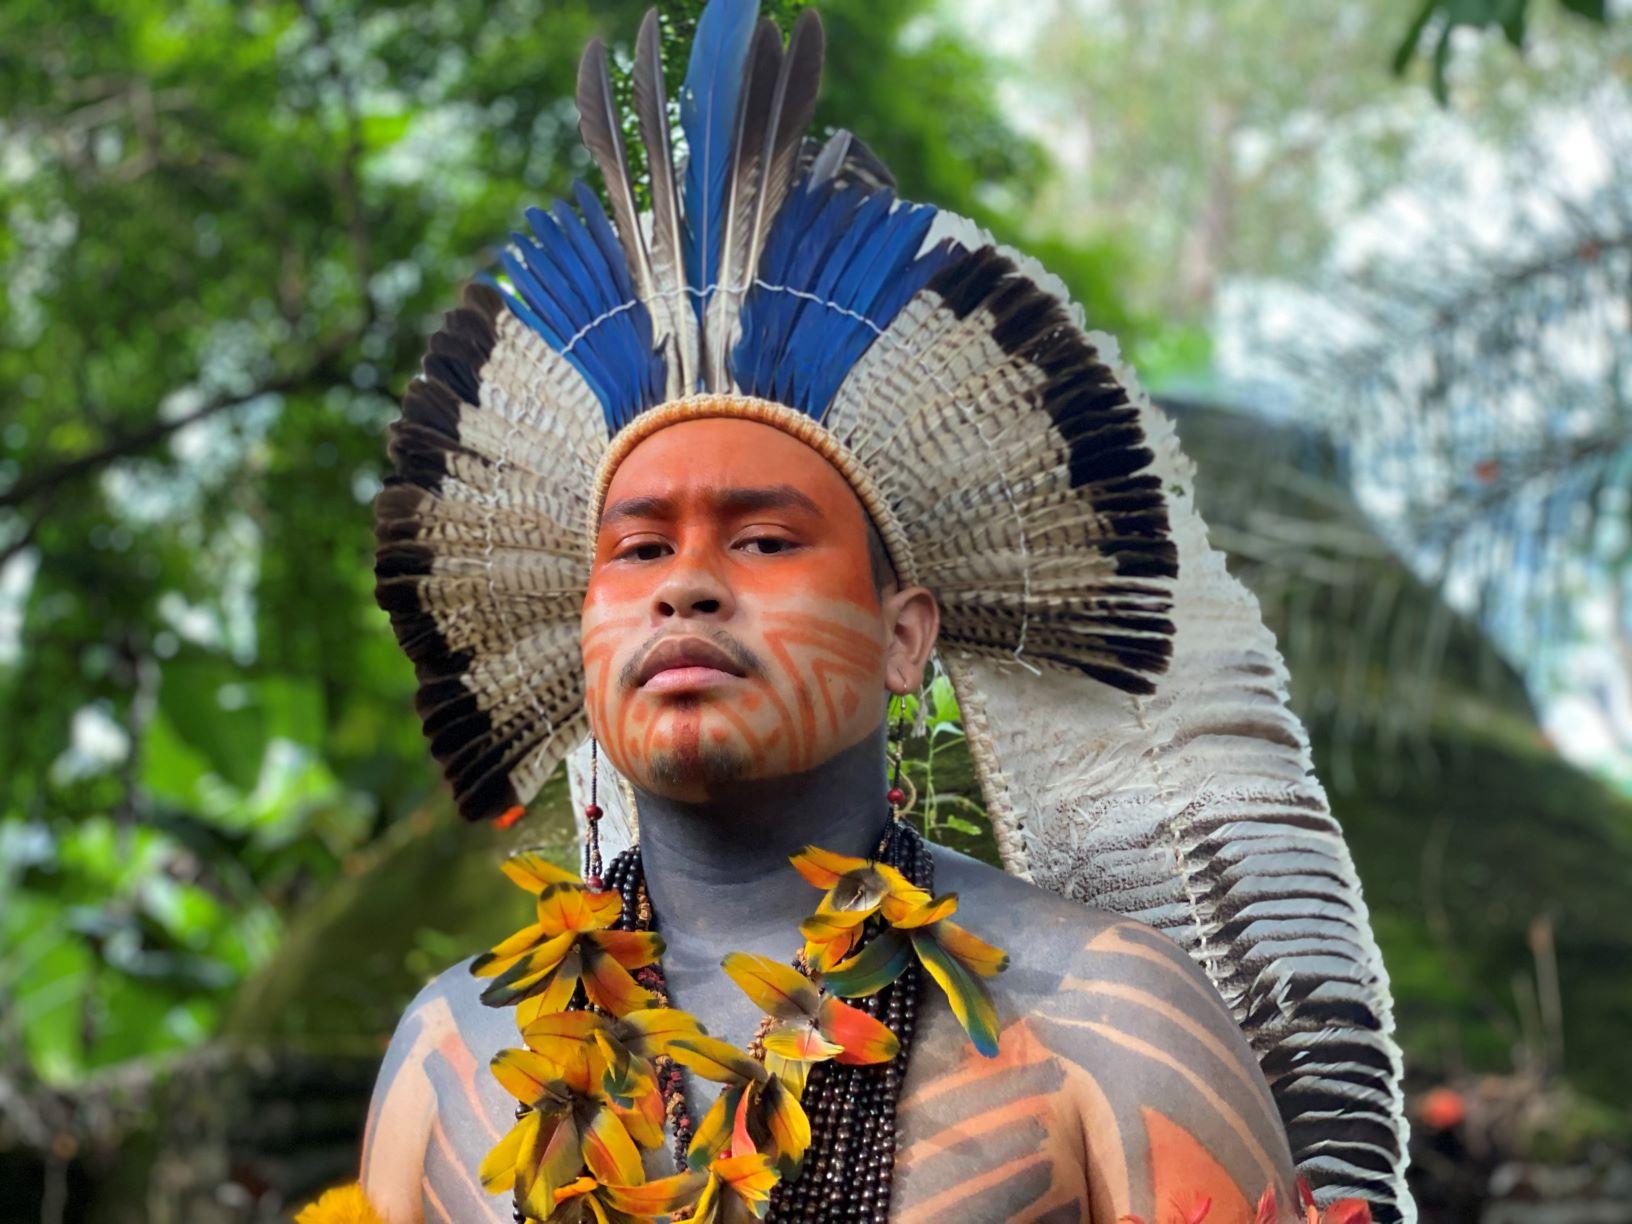 O universitário Fêtxawewe Tapuya Guajajara, aluno da UnB e líder do da comunidade indígena Santuário dos Pajés, em Brasília: ativismo LGBT+ (Foto: Igor Tripolli)